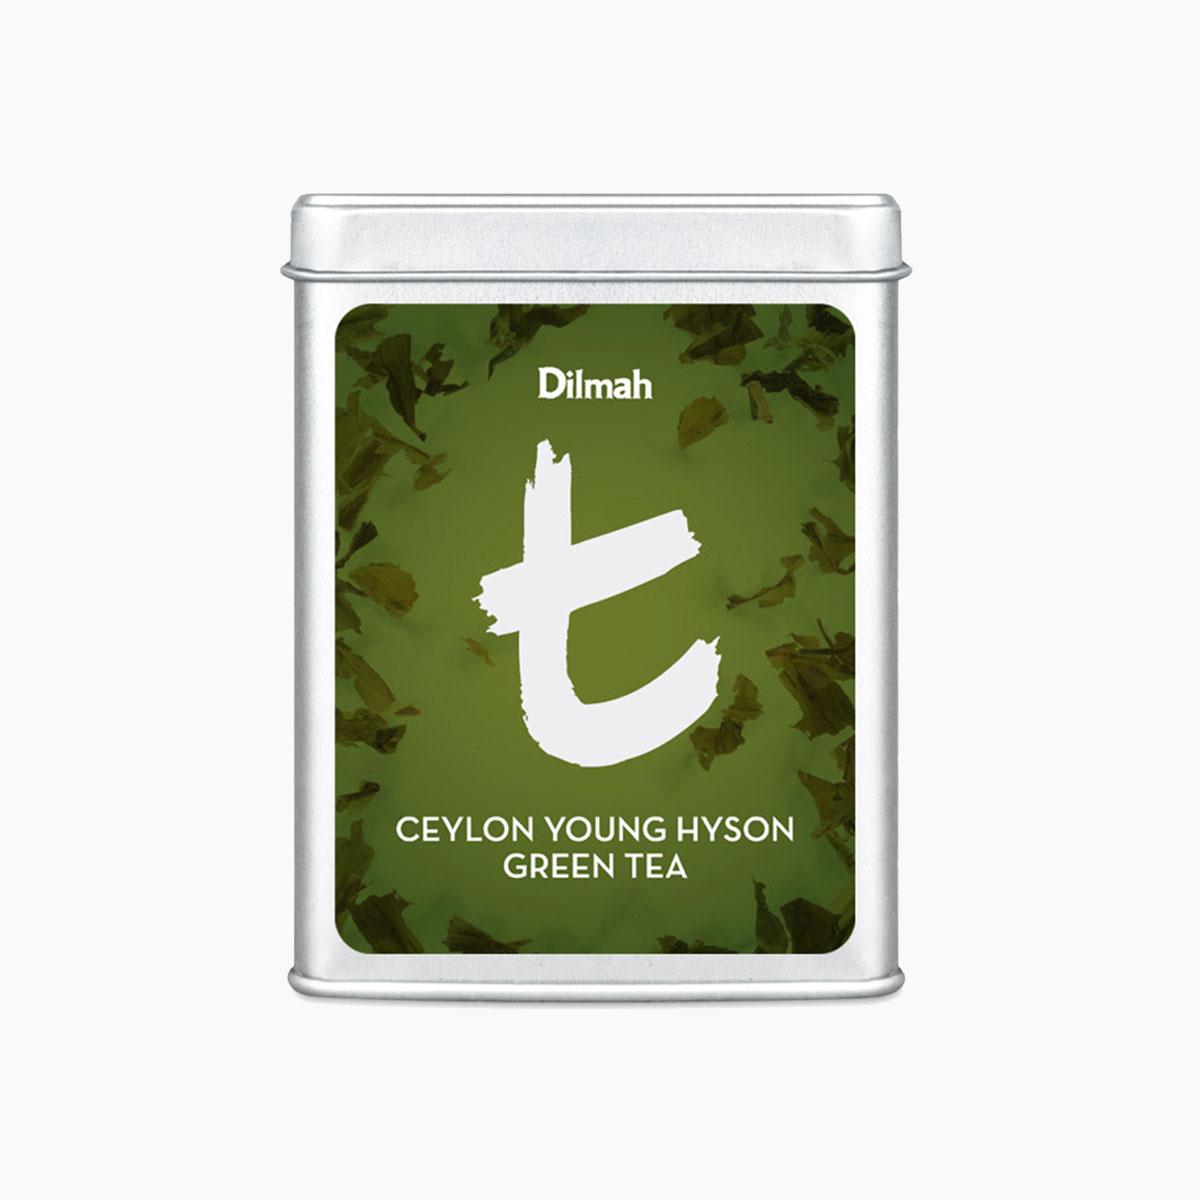 CEYLON YOUNG HYSON GREEN TEA 85g